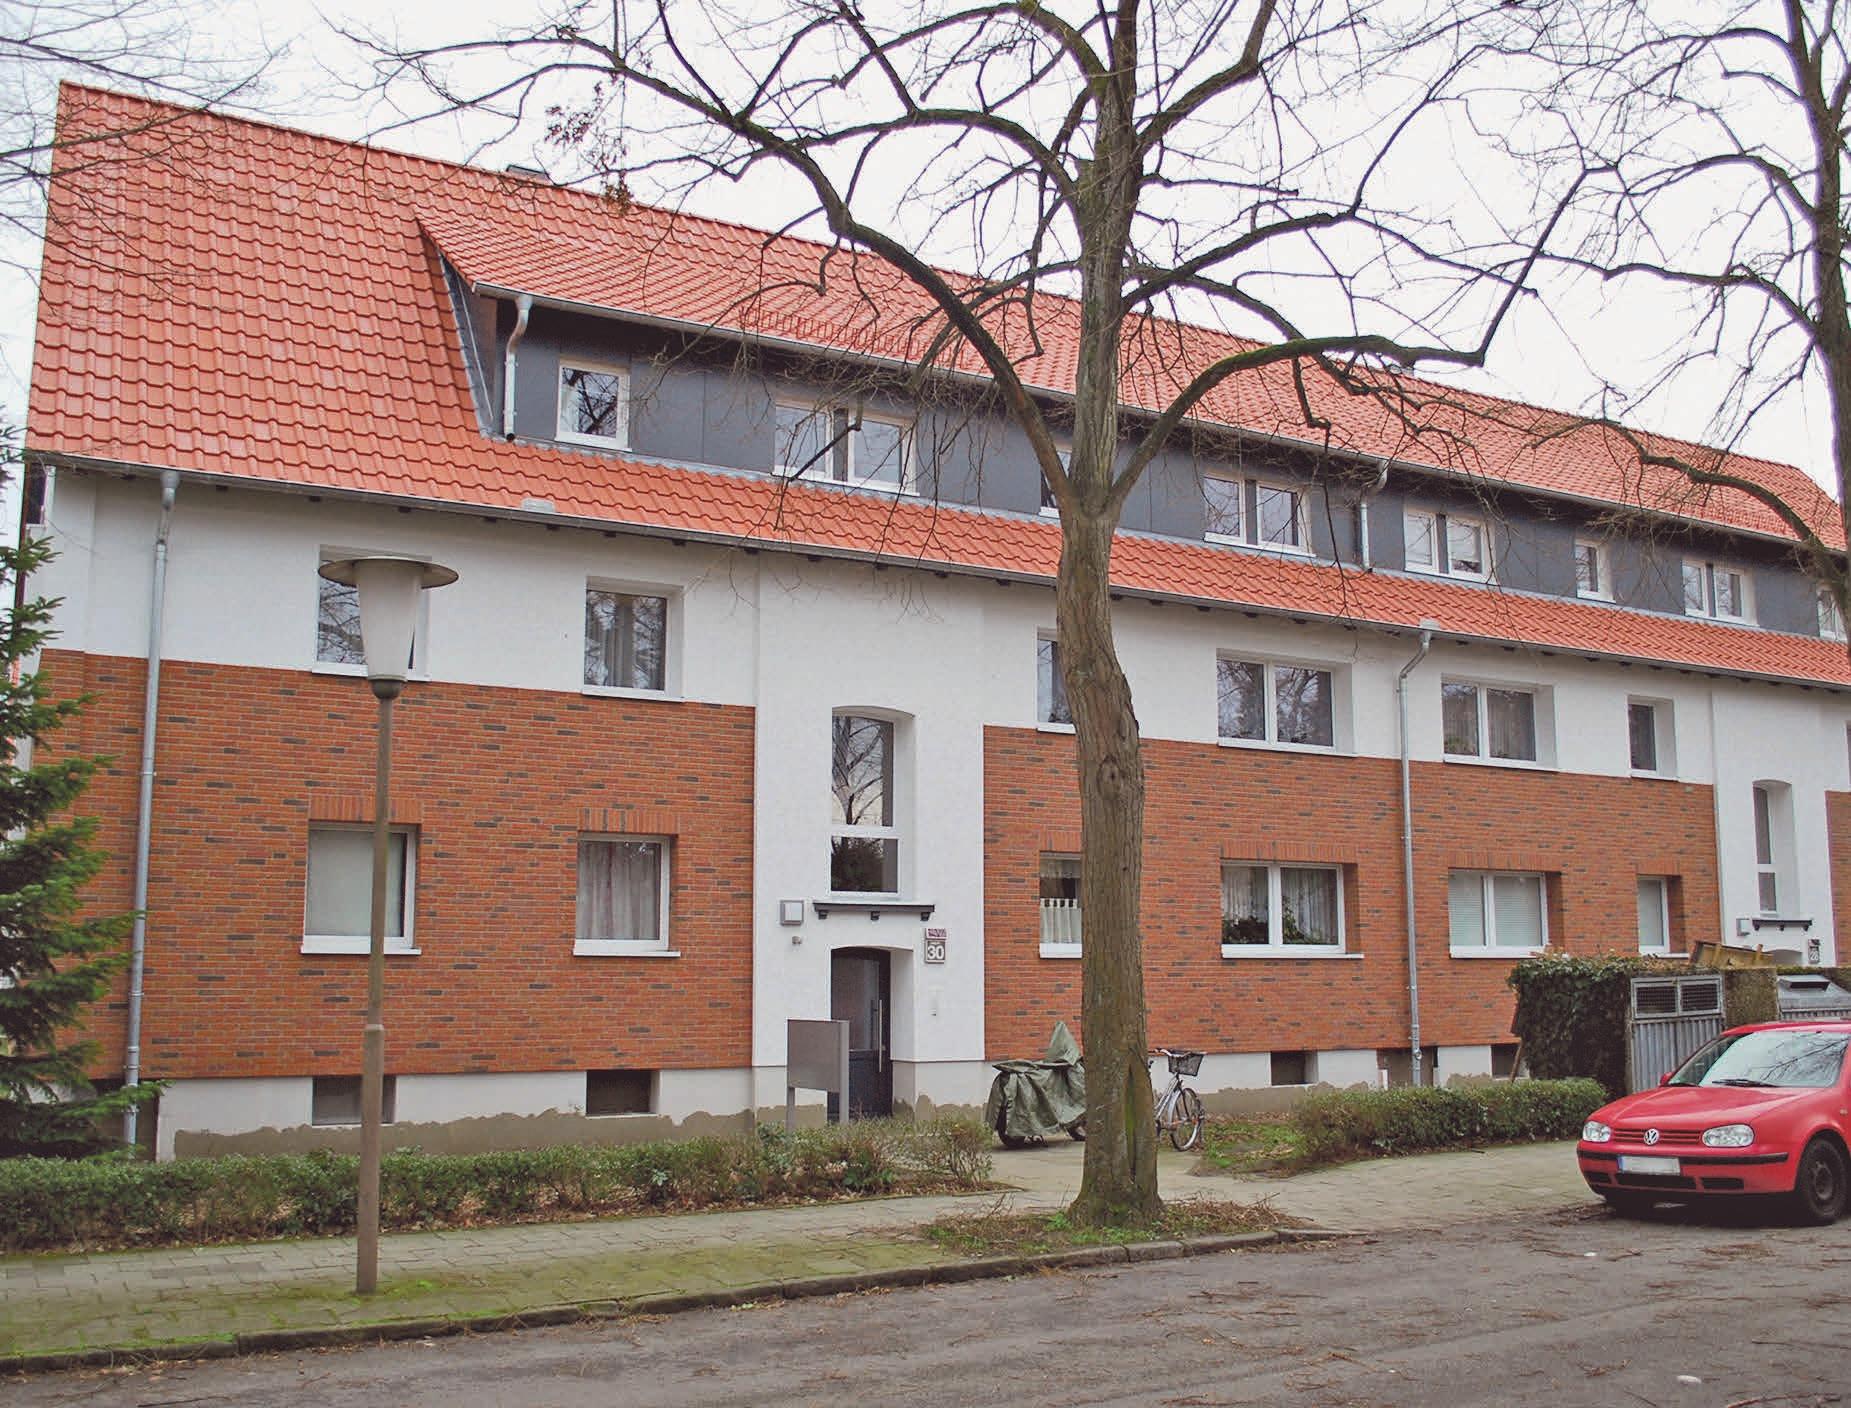 Am Herzbergweg 28+30 wurden die Außenfassaden gedämmt und die Dächer saniert. Foto: Birthe Kußroll-Ihle